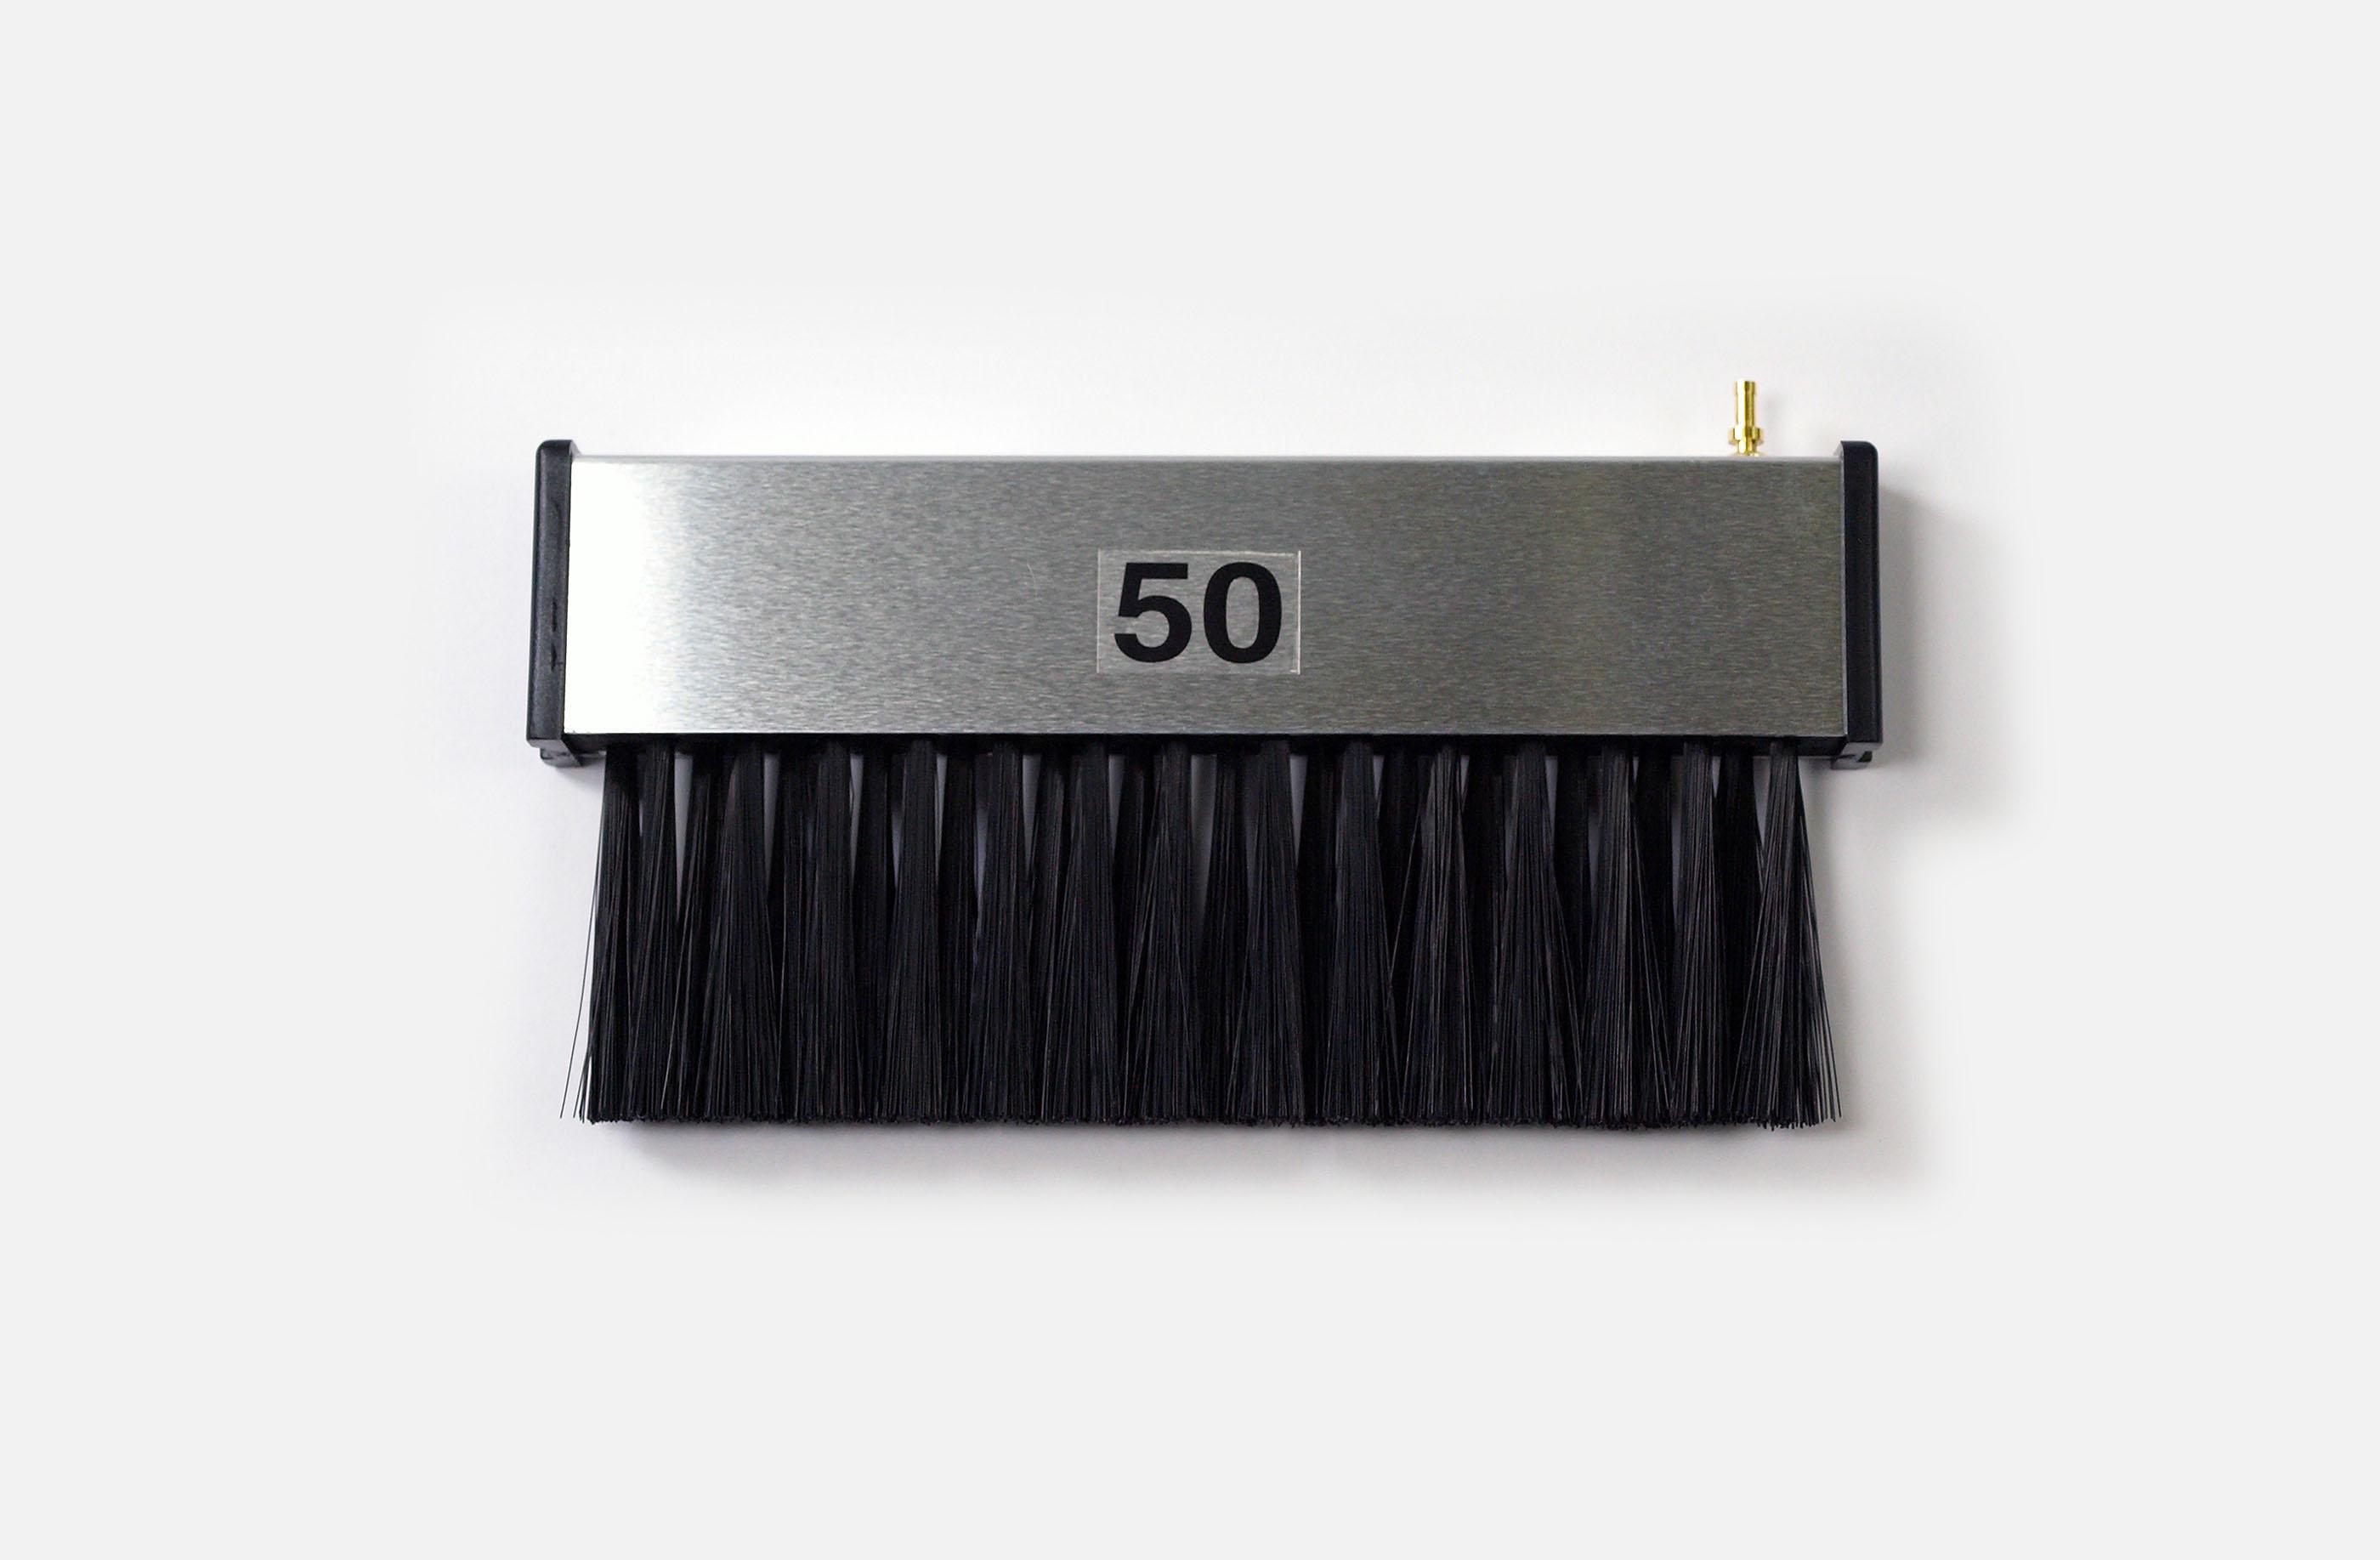 コンパクトSC除電ブラシSTAC50